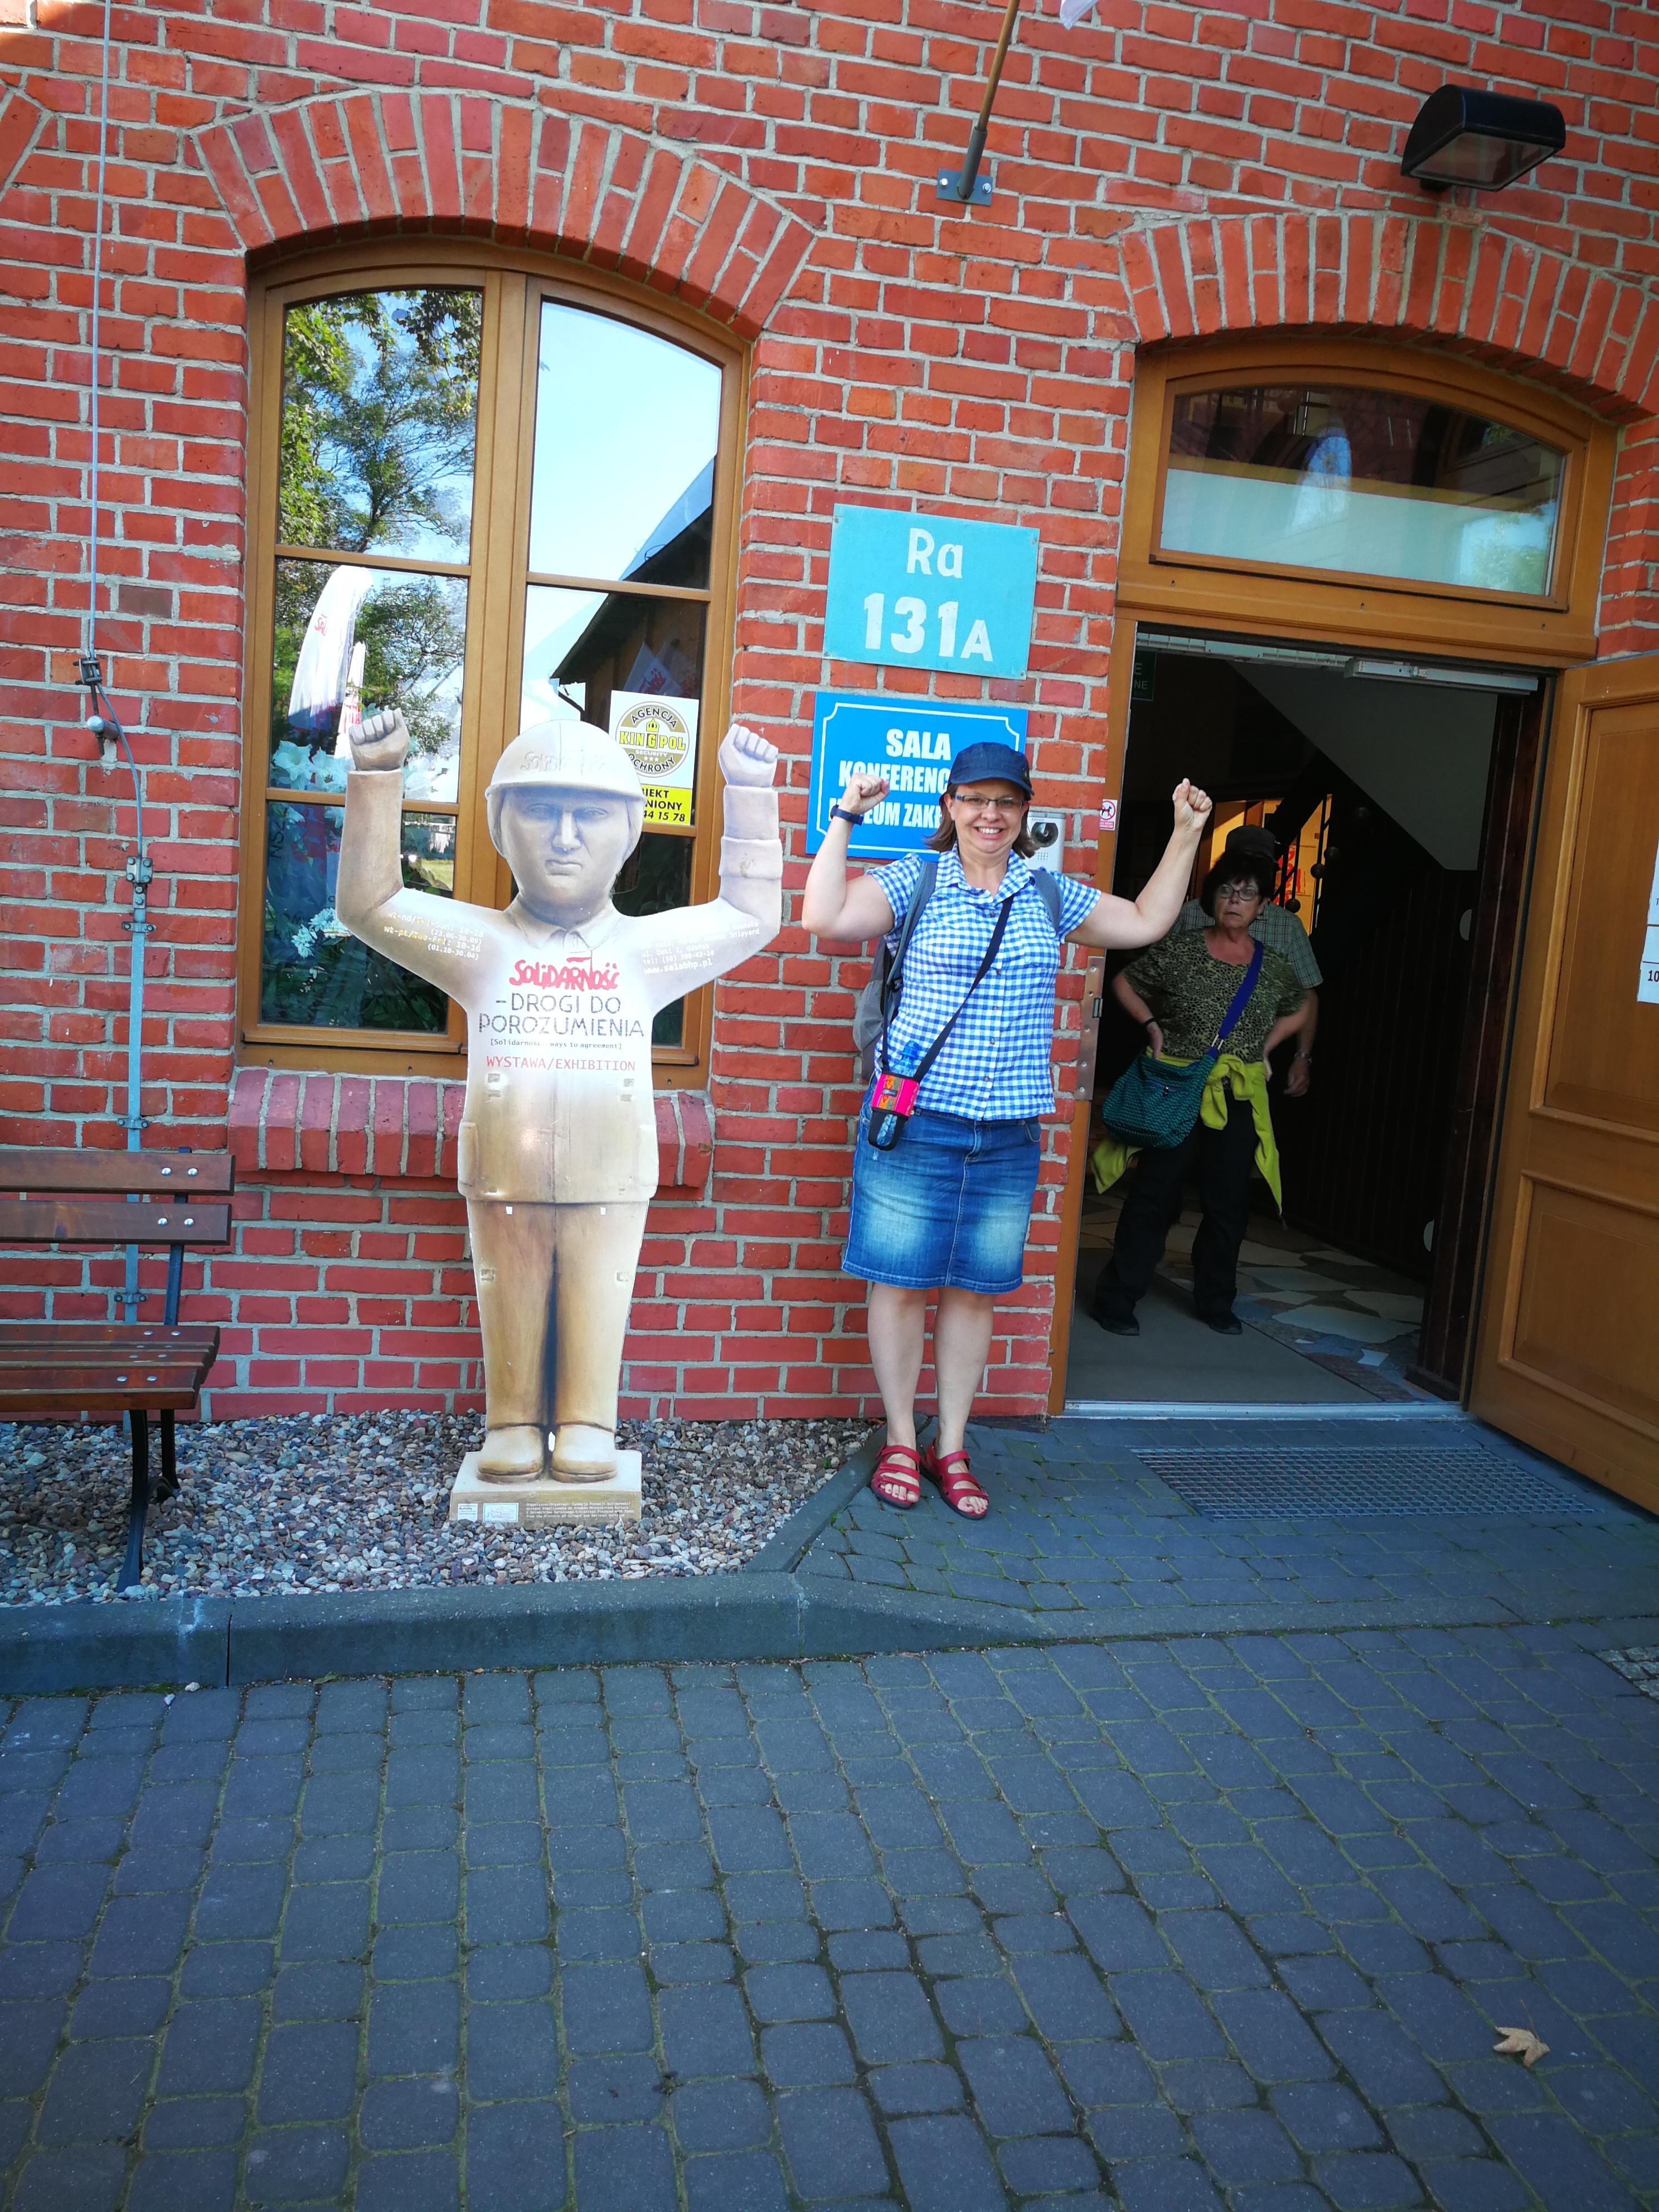 La sala de Seguridad y Salud en Gdansk. Foto: Ania Anna Kotula de Tour Guide Service Gdansk